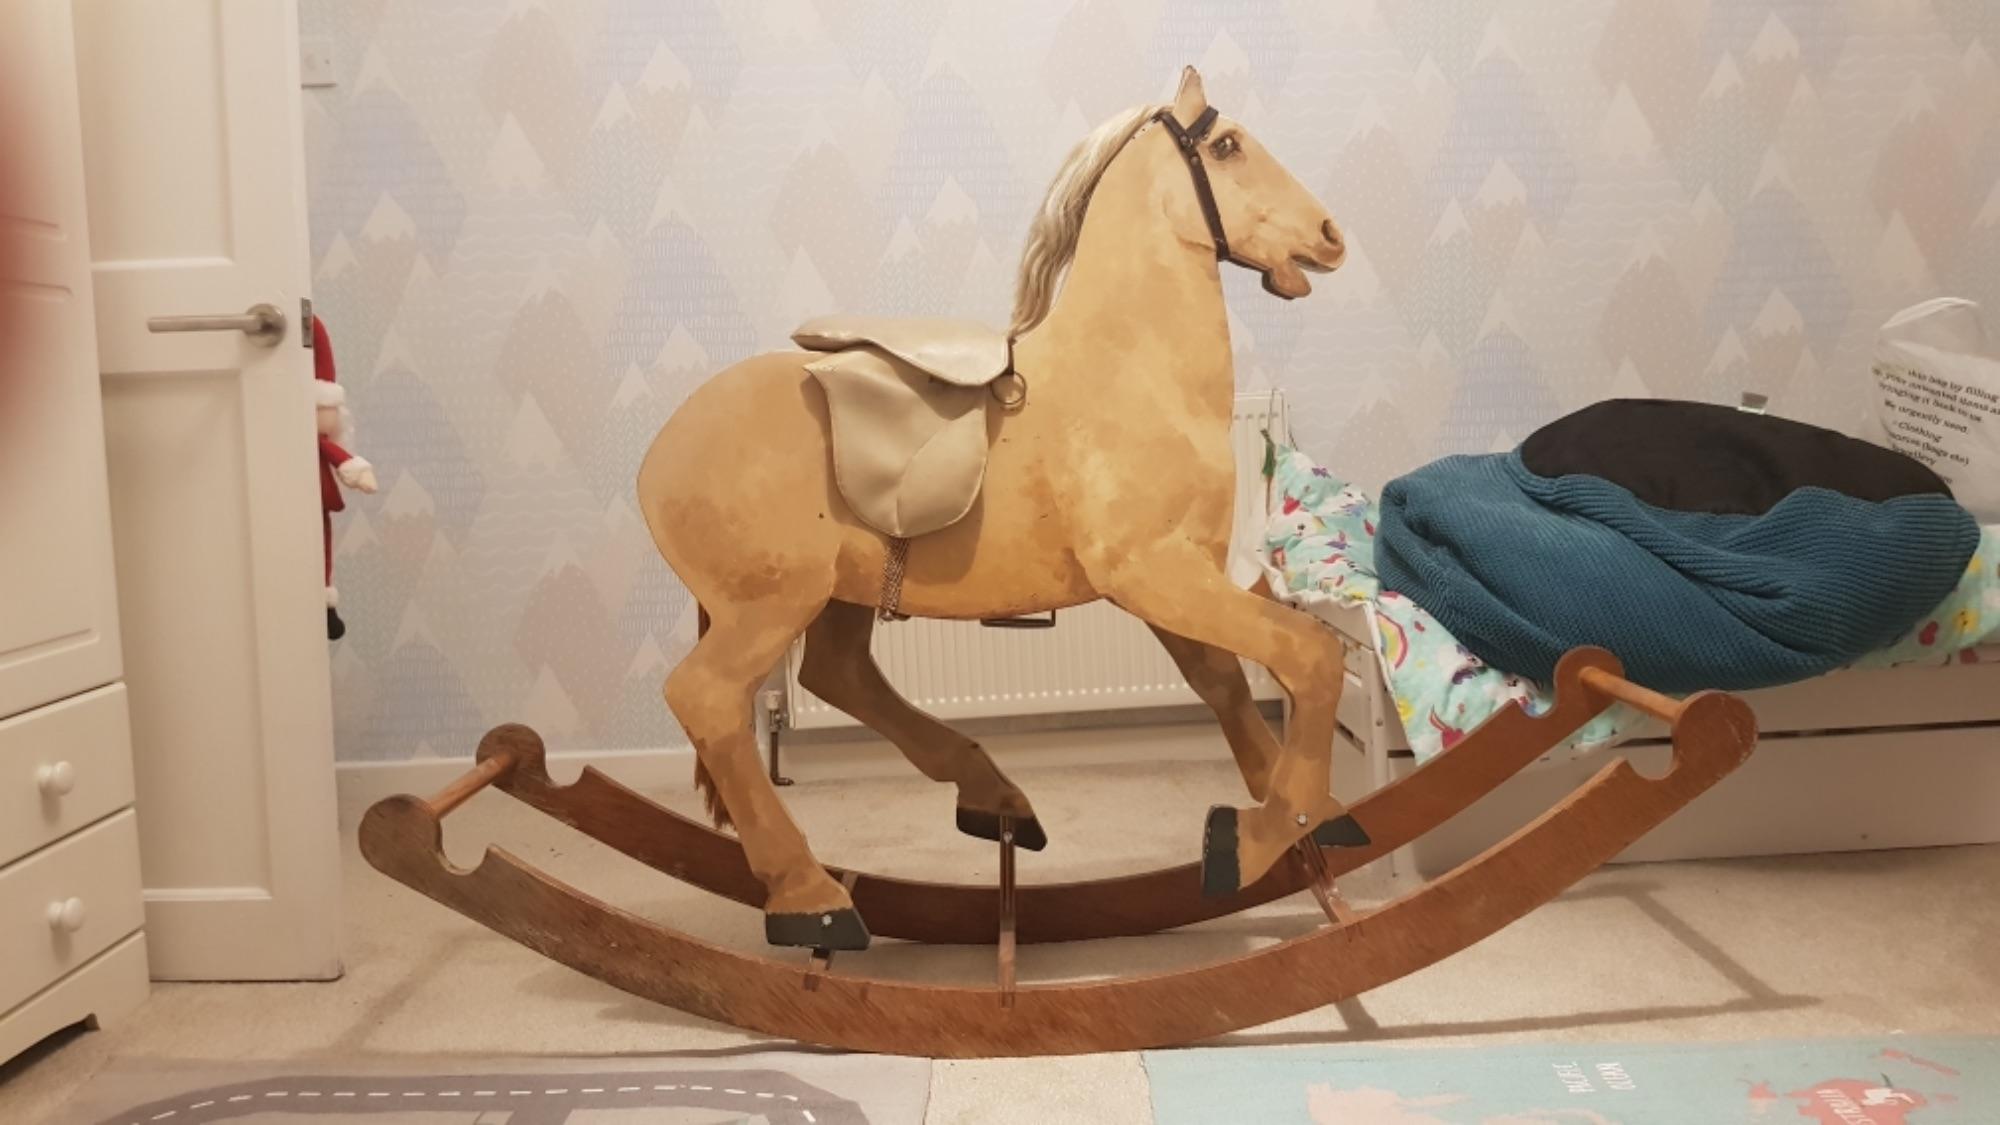 Vintage wooden children's rocking horse for sale